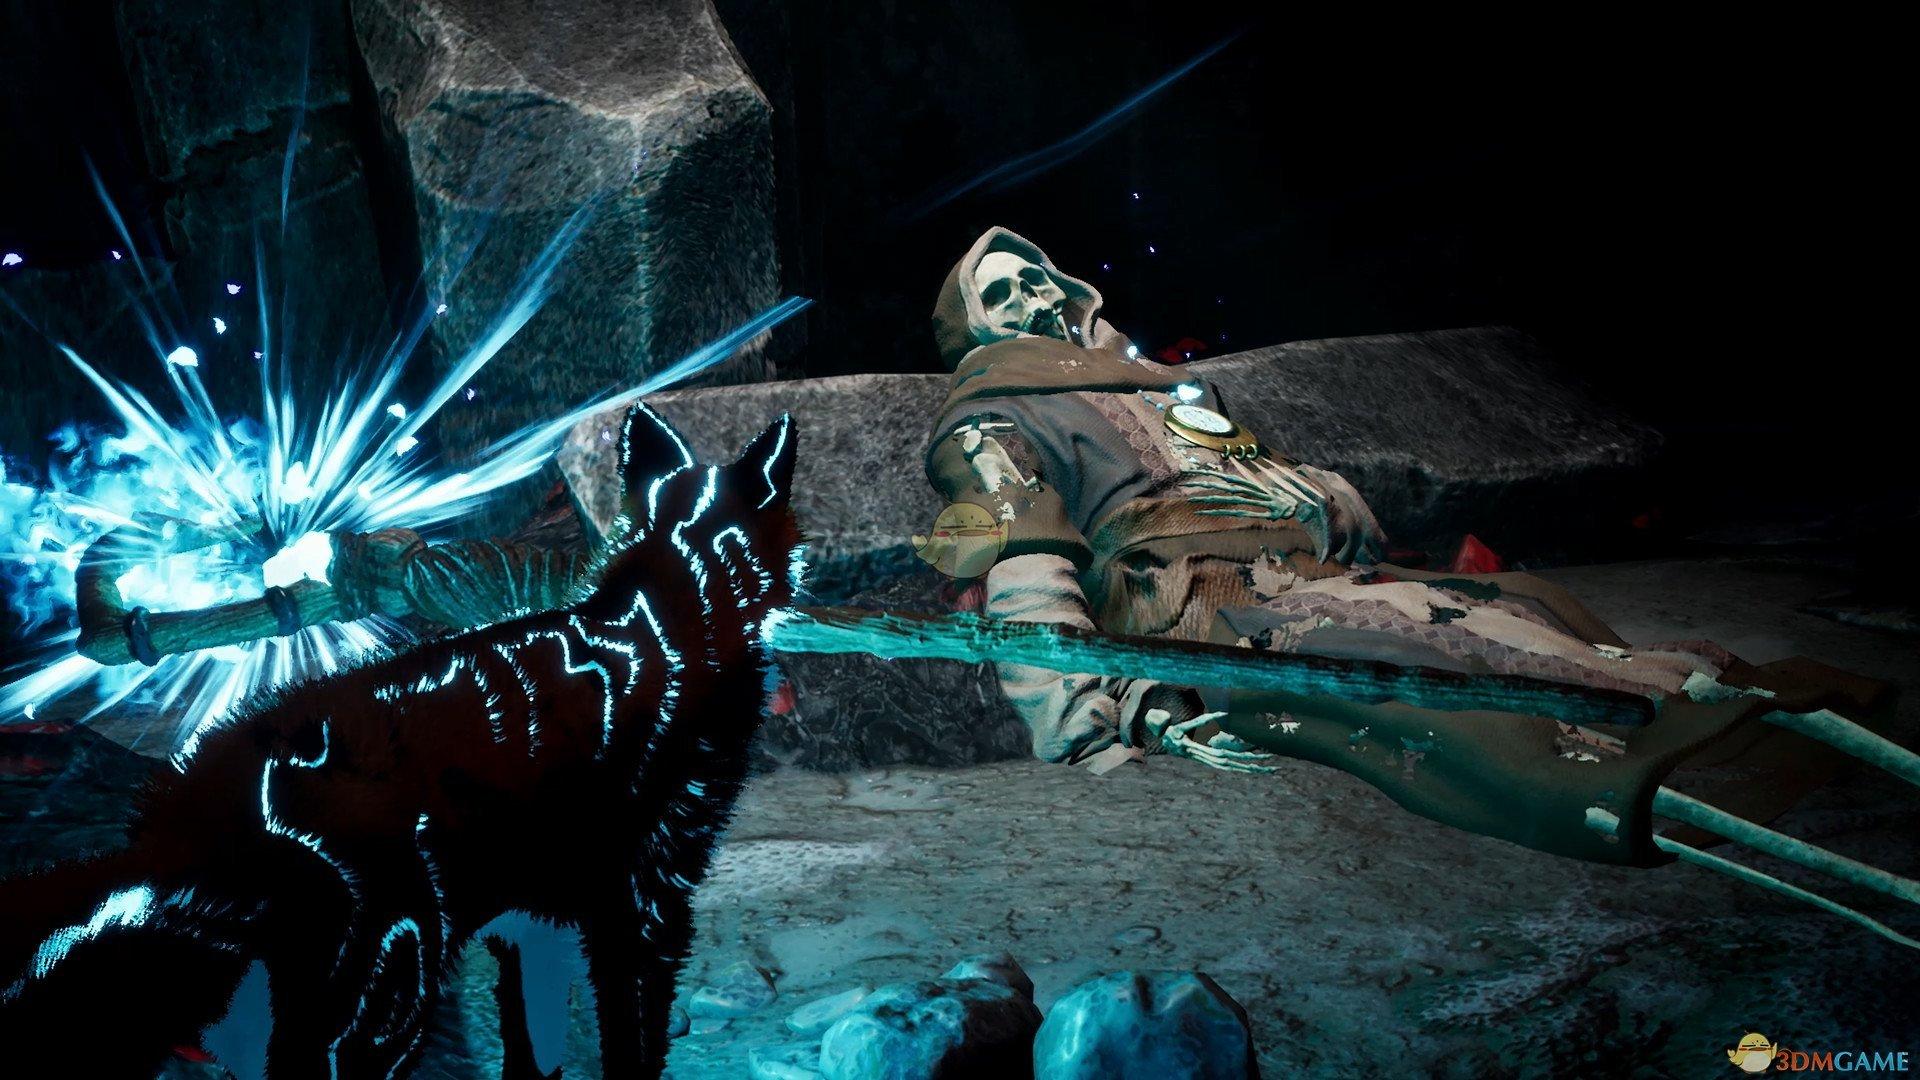 《北方之魂》游戏重要特性介绍